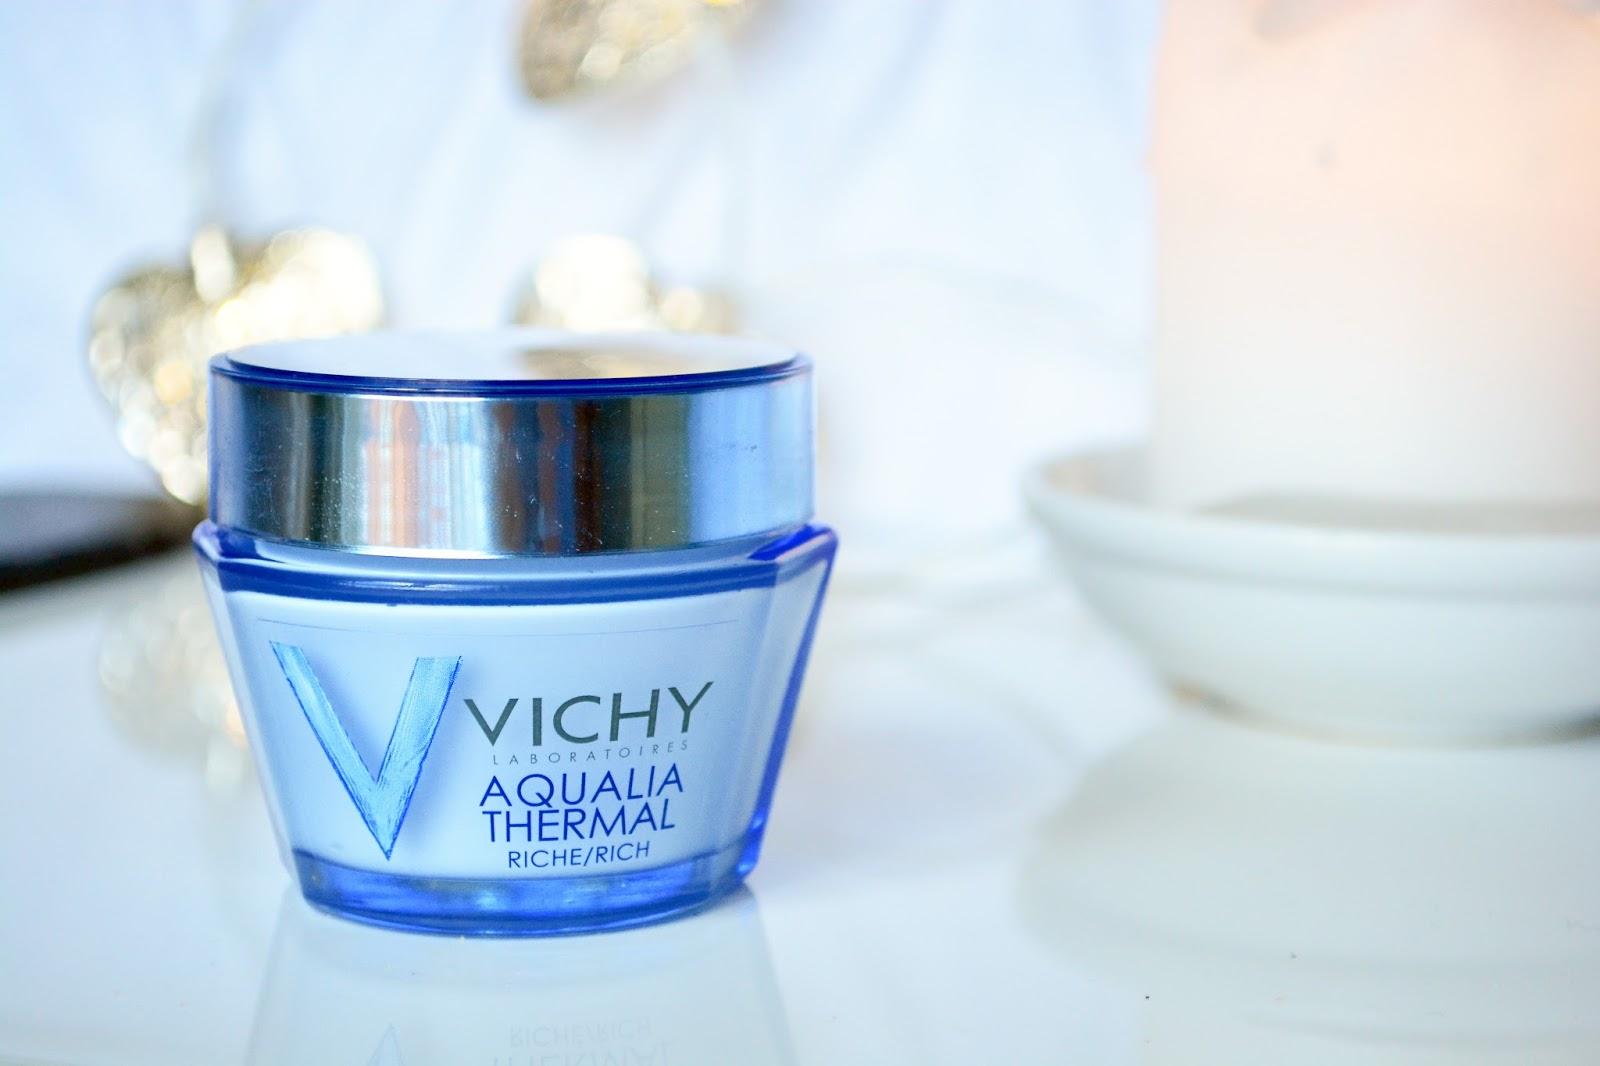 Vichy Aqualia Thermal Rich Cream, Moisturiser, Dry Skin, Hydrated Skin